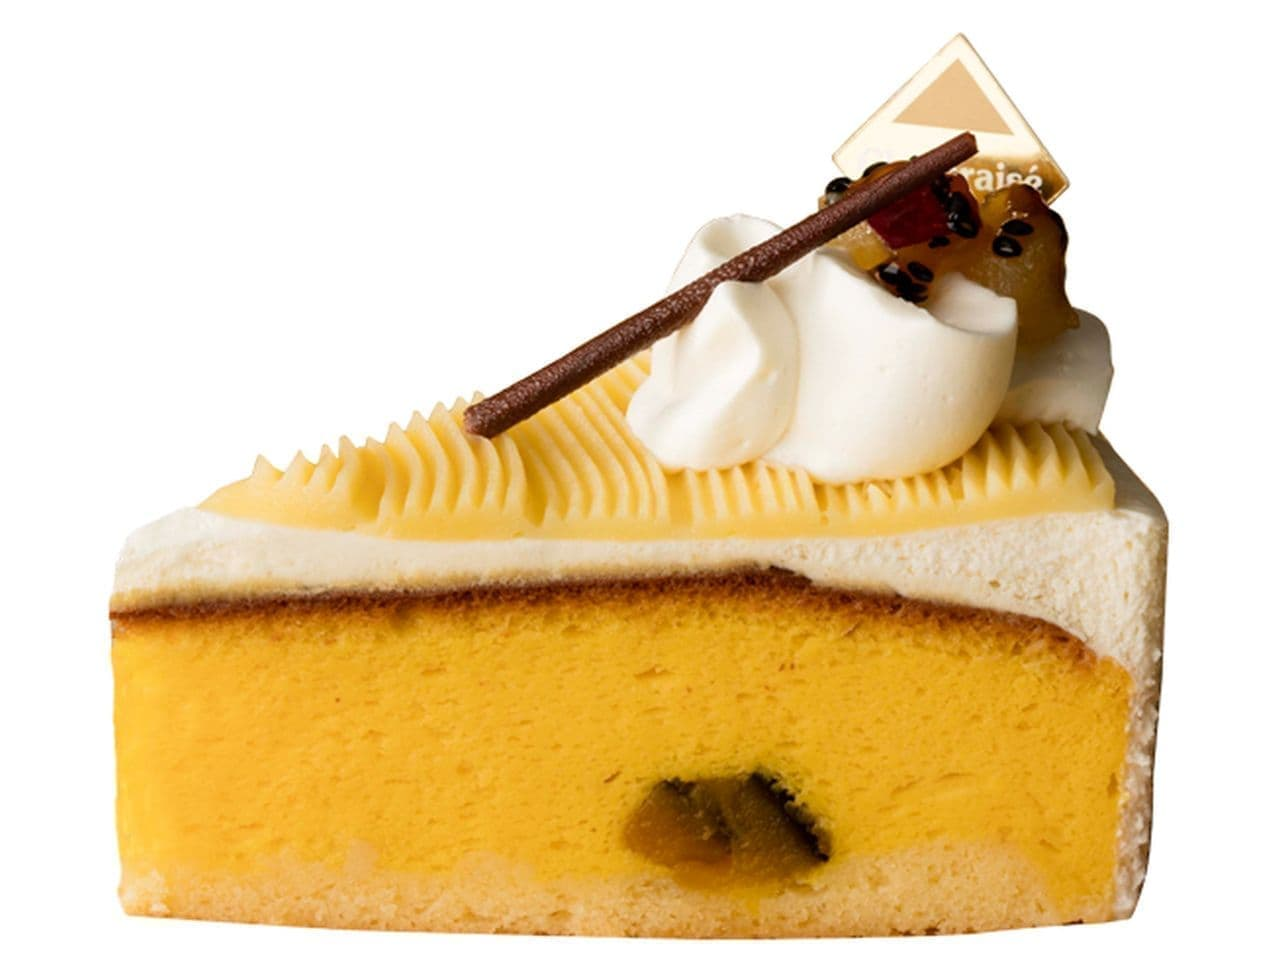 シャトレーゼ「鳴門金時とかぼちゃのスフレチーズケーキ」